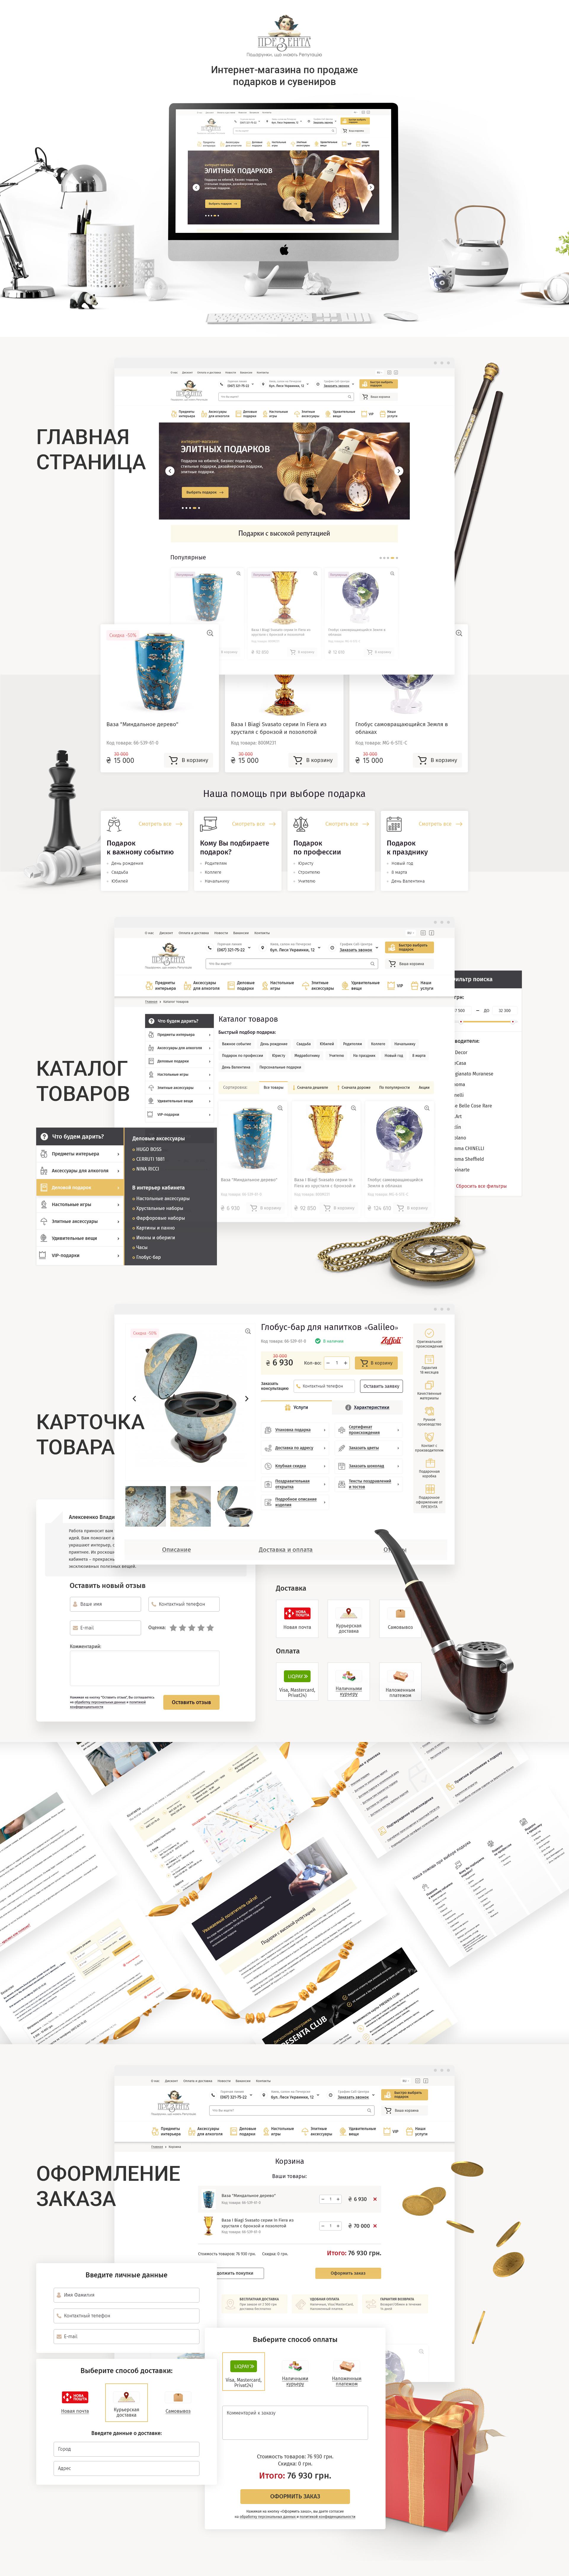 Интернет-магазин эксклюзивных подарков и предметов Presenta